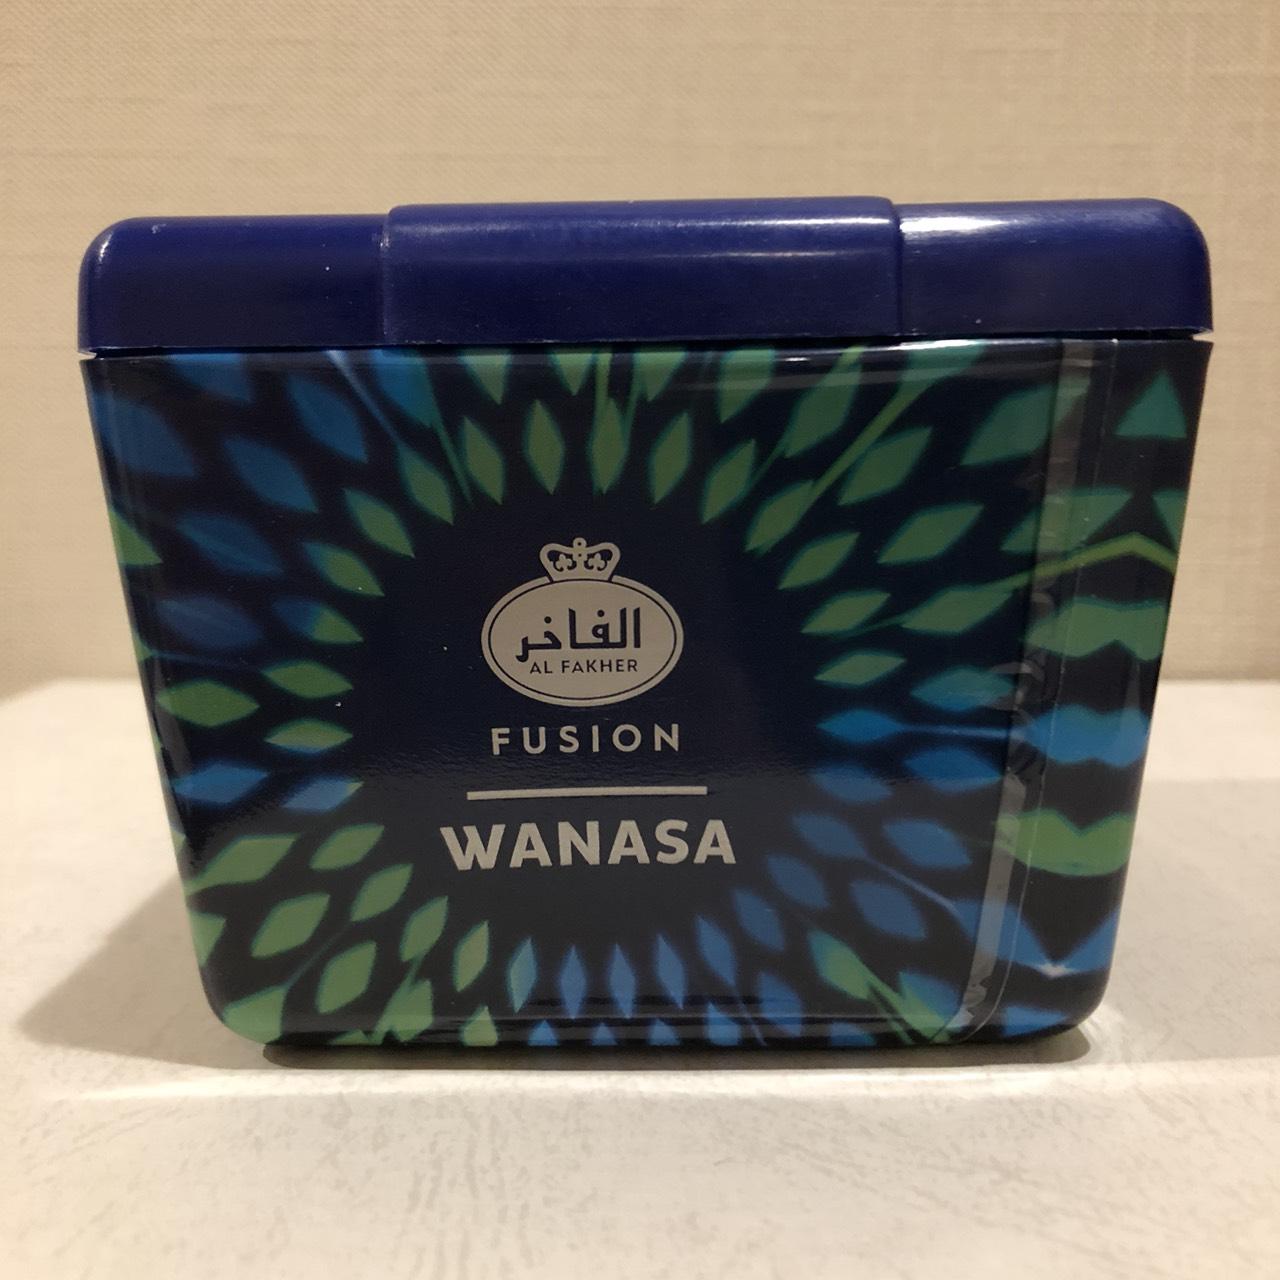 Al Fakher Fusion / Wanasa(今どきっぽいPeach系の香りの背後に、何かマッタリした香ばしさが少々)